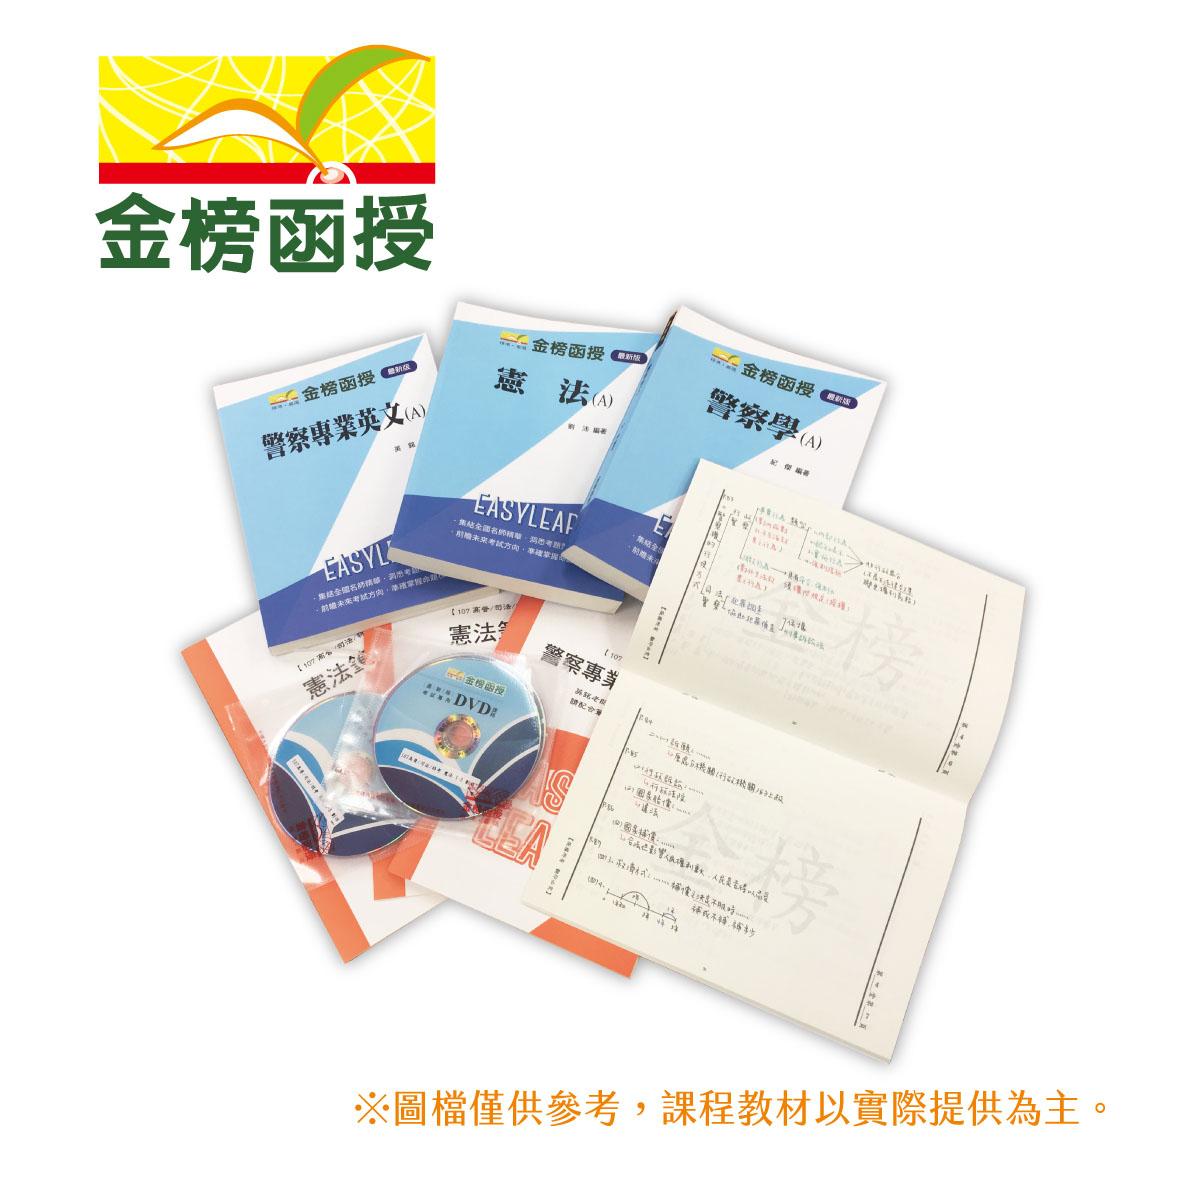 108金榜函授/高考三级/年度课程/全套/财经廉政/云端/专业科目